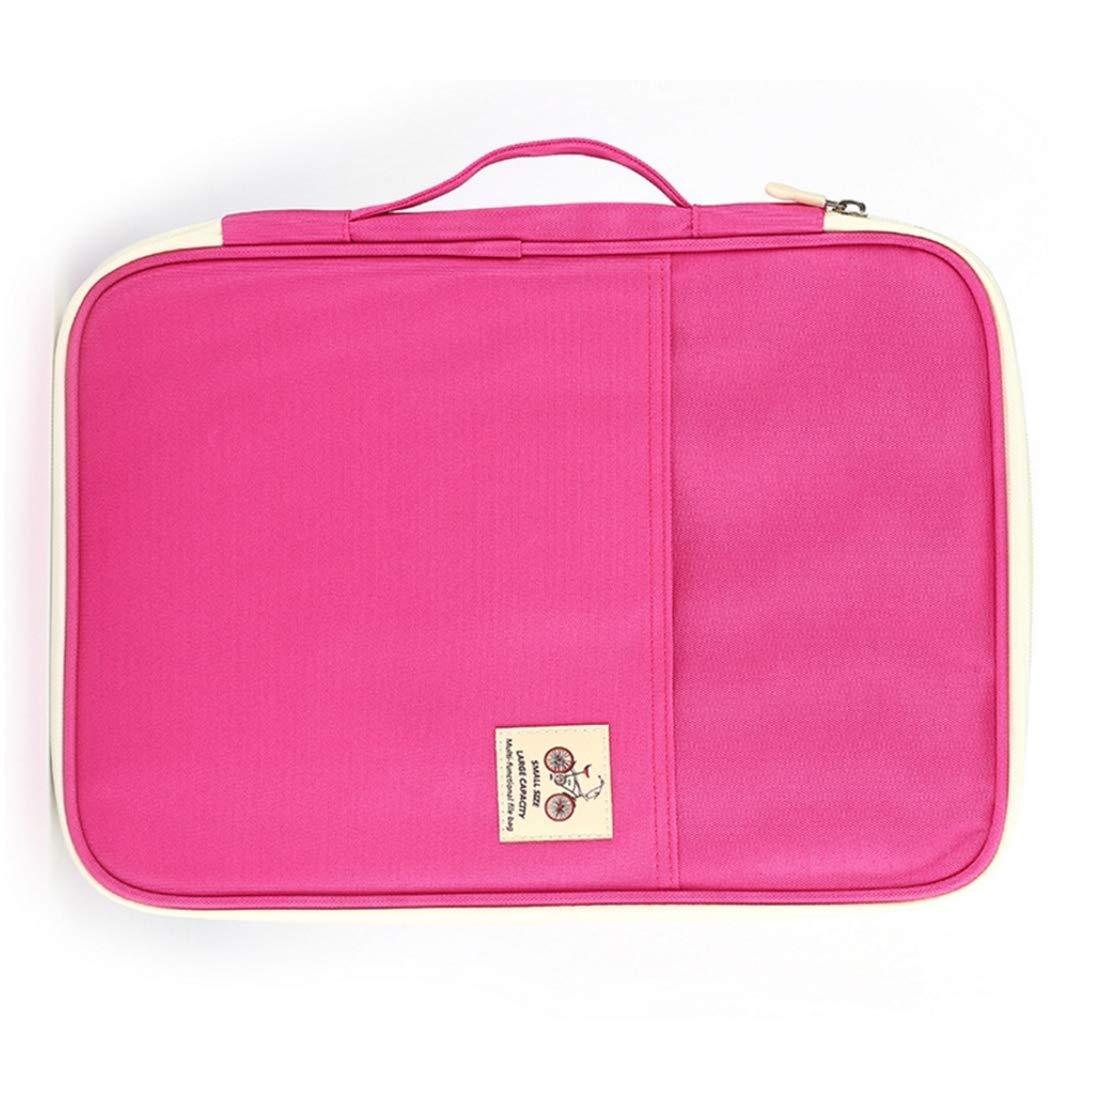 Bella Forniture per ufficio Borsa multiuso per documenti A4 con cerniera per documenti, dimensioni  35,0 cm  25,0 cm  3,0 cm (colore   rosa)